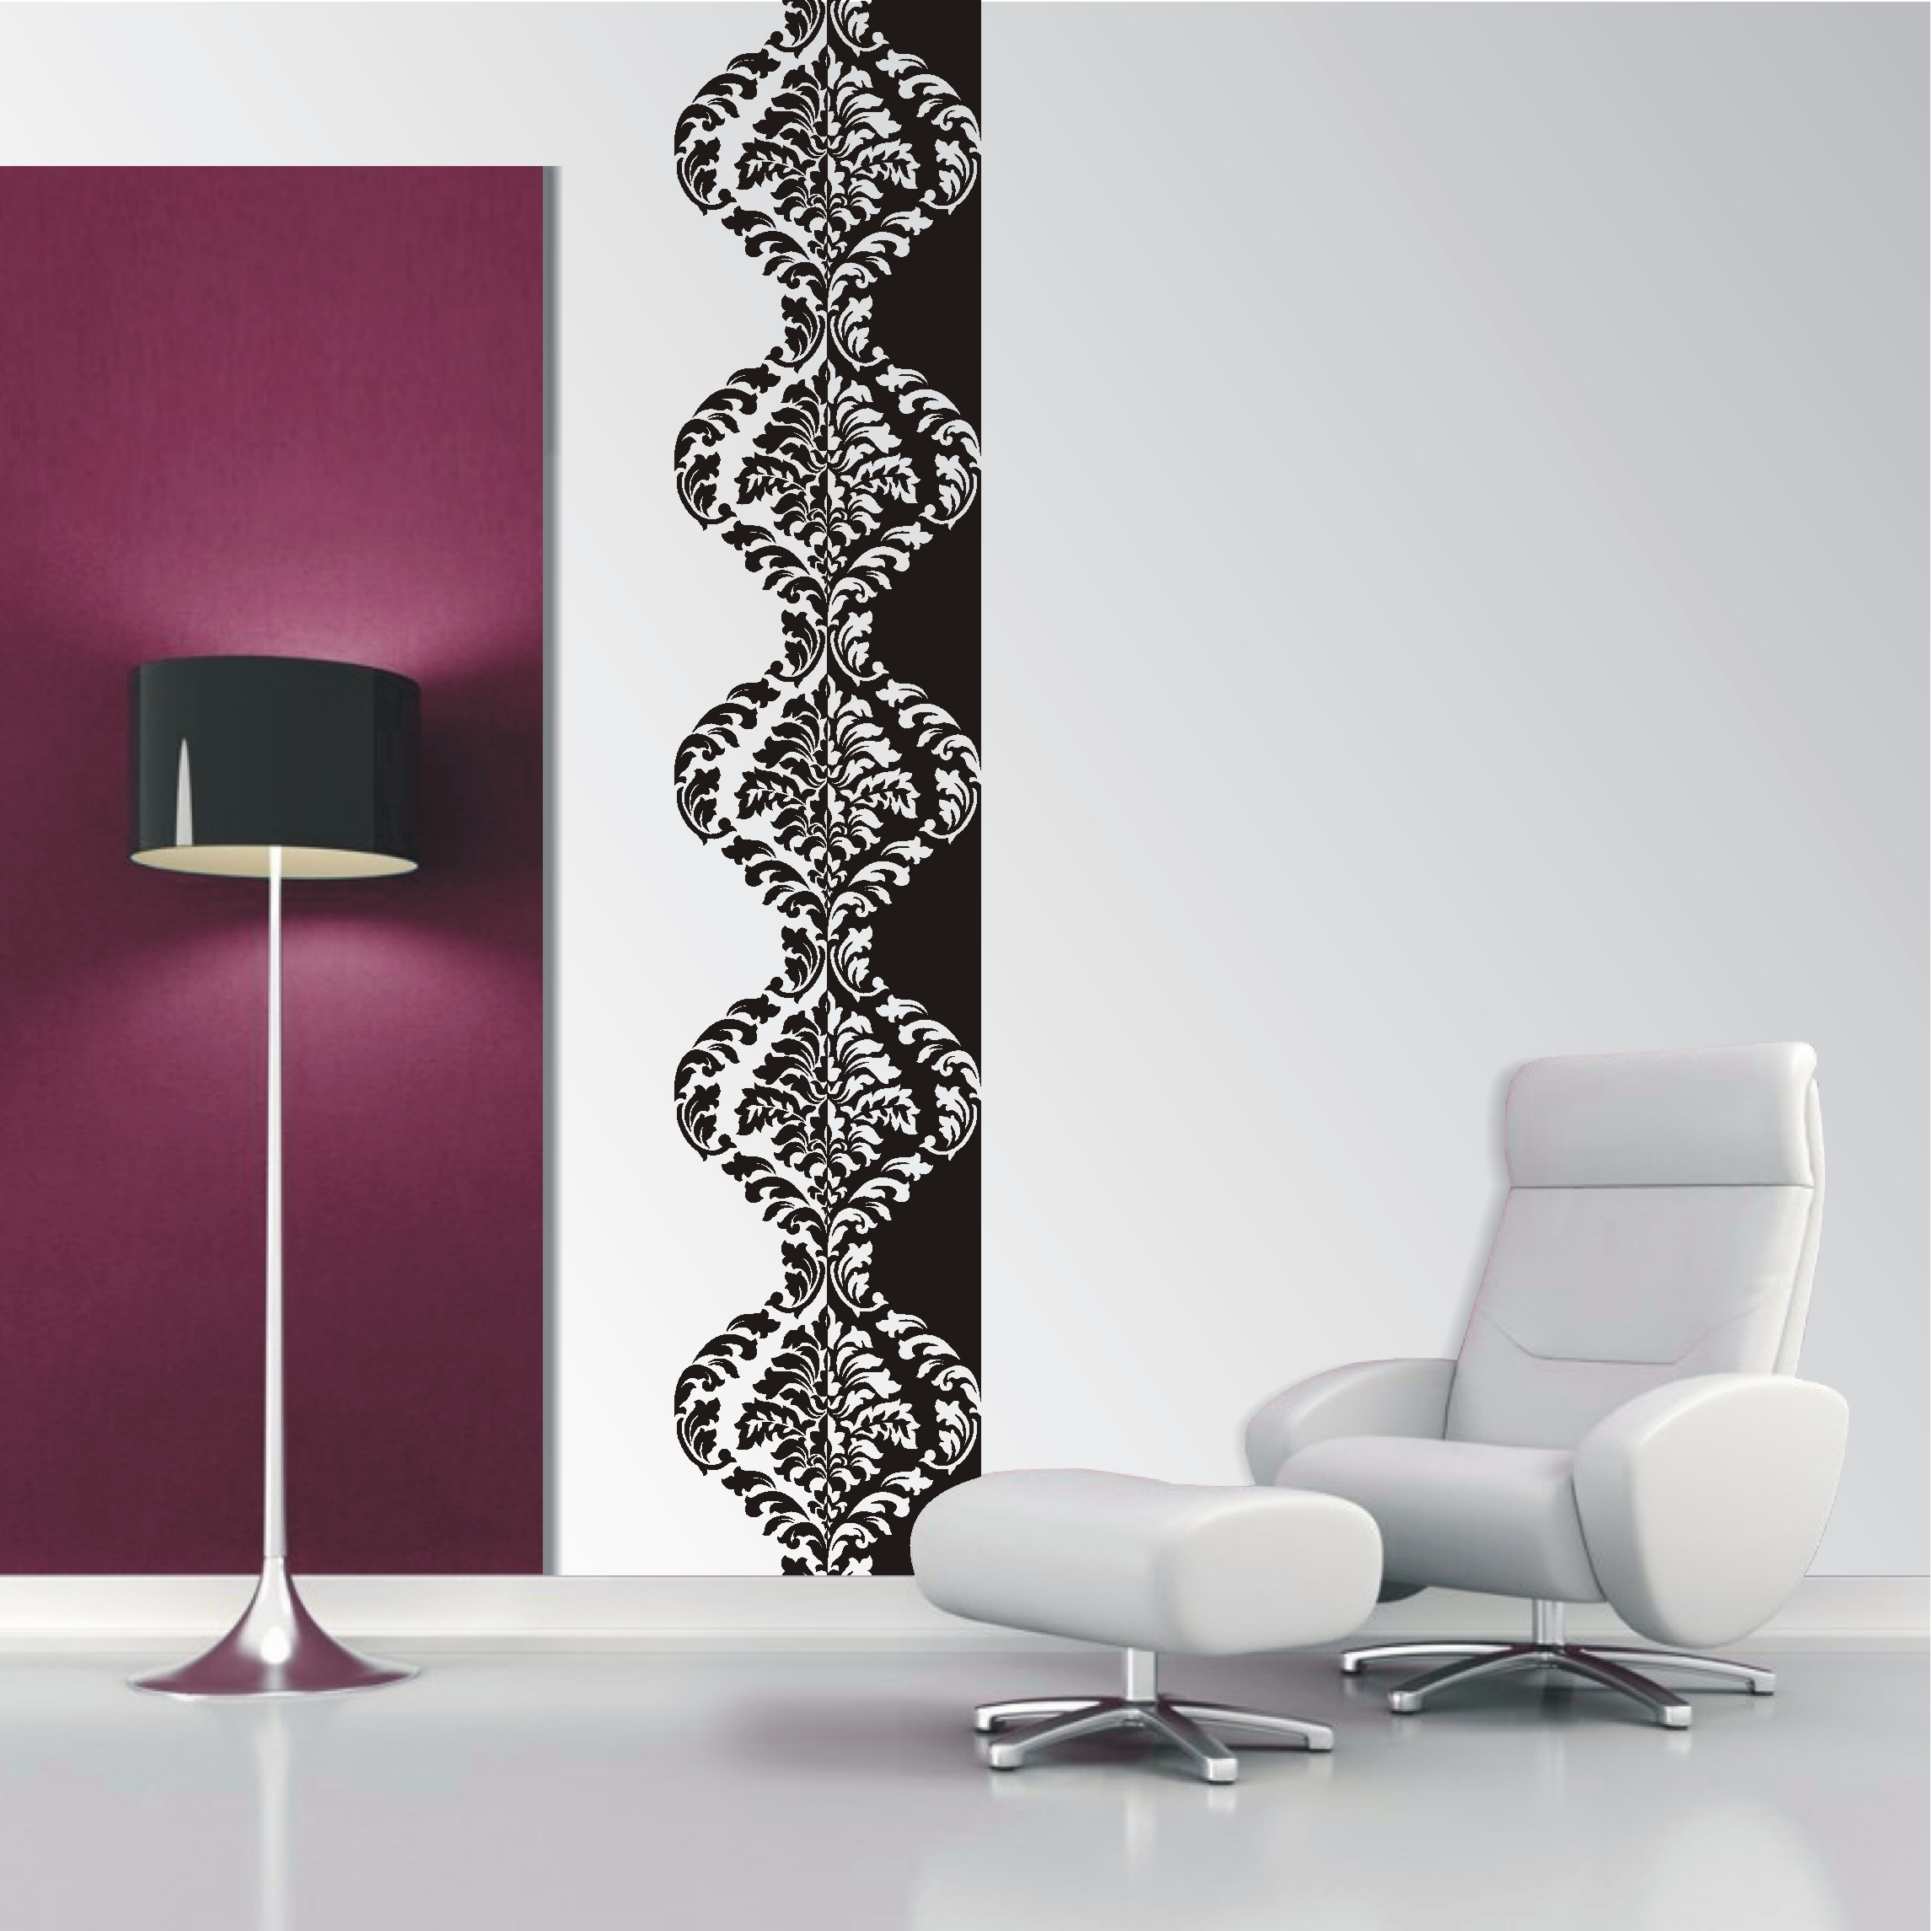 deko barock schlafzimmer vorhang schlafzimmer ikea bettw sche baumwolle g nstig wei bettdecken. Black Bedroom Furniture Sets. Home Design Ideas